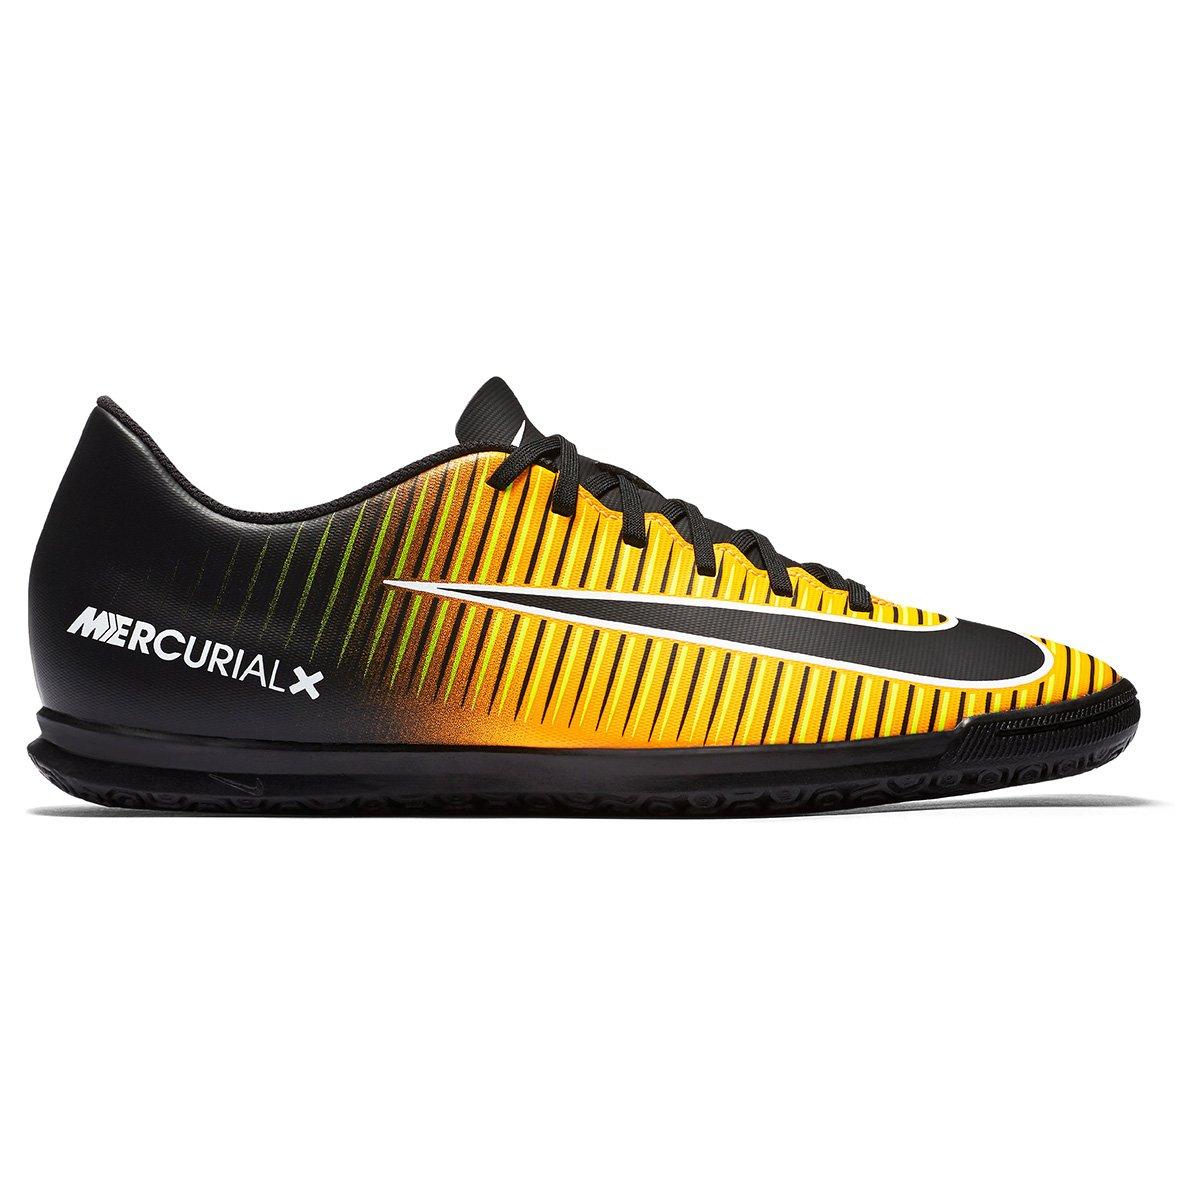 ec7ca5075f9d7 Chuteira Futsal Nike Mercurial Vortex 3 IC  Chuteira Futsal Nike Mercurial  Vortex 3 IC. -32%. Chuteira Futsal Nike Mercurial Vortex 3 IC ...